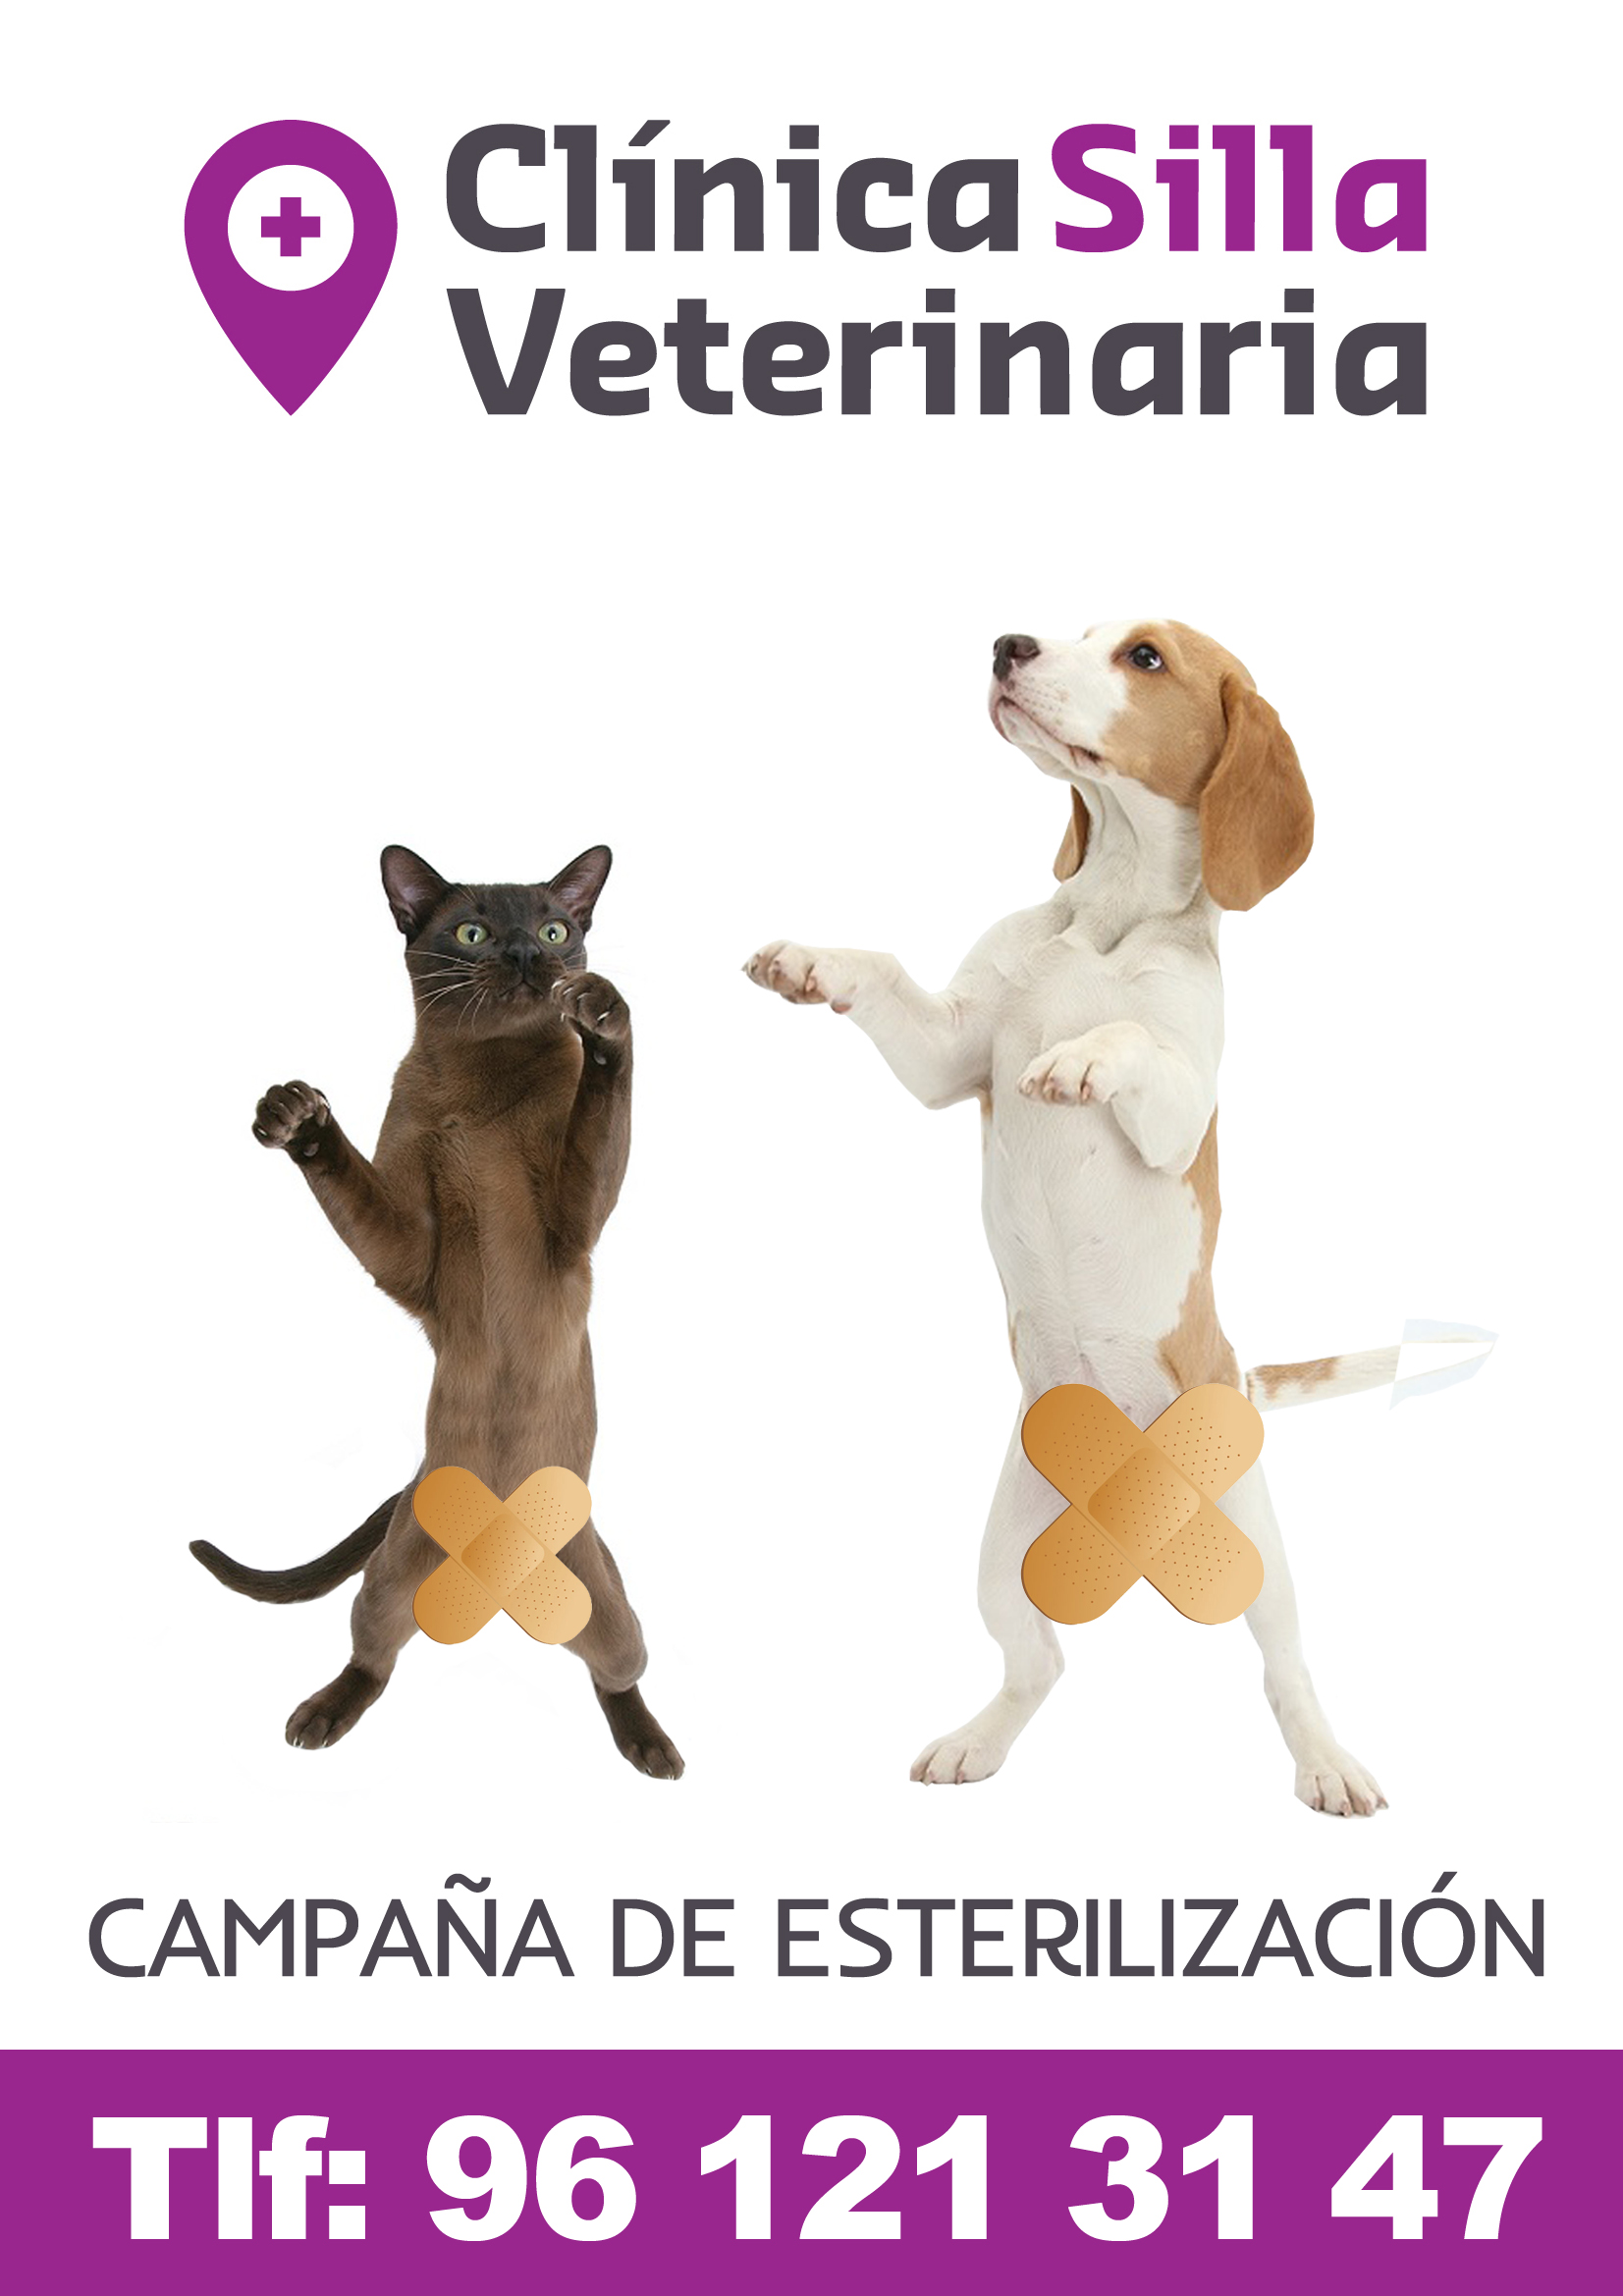 Clinica veterinaria silla campa as en vigor y pr ximas campa as - Clinica veterinaria silla ...